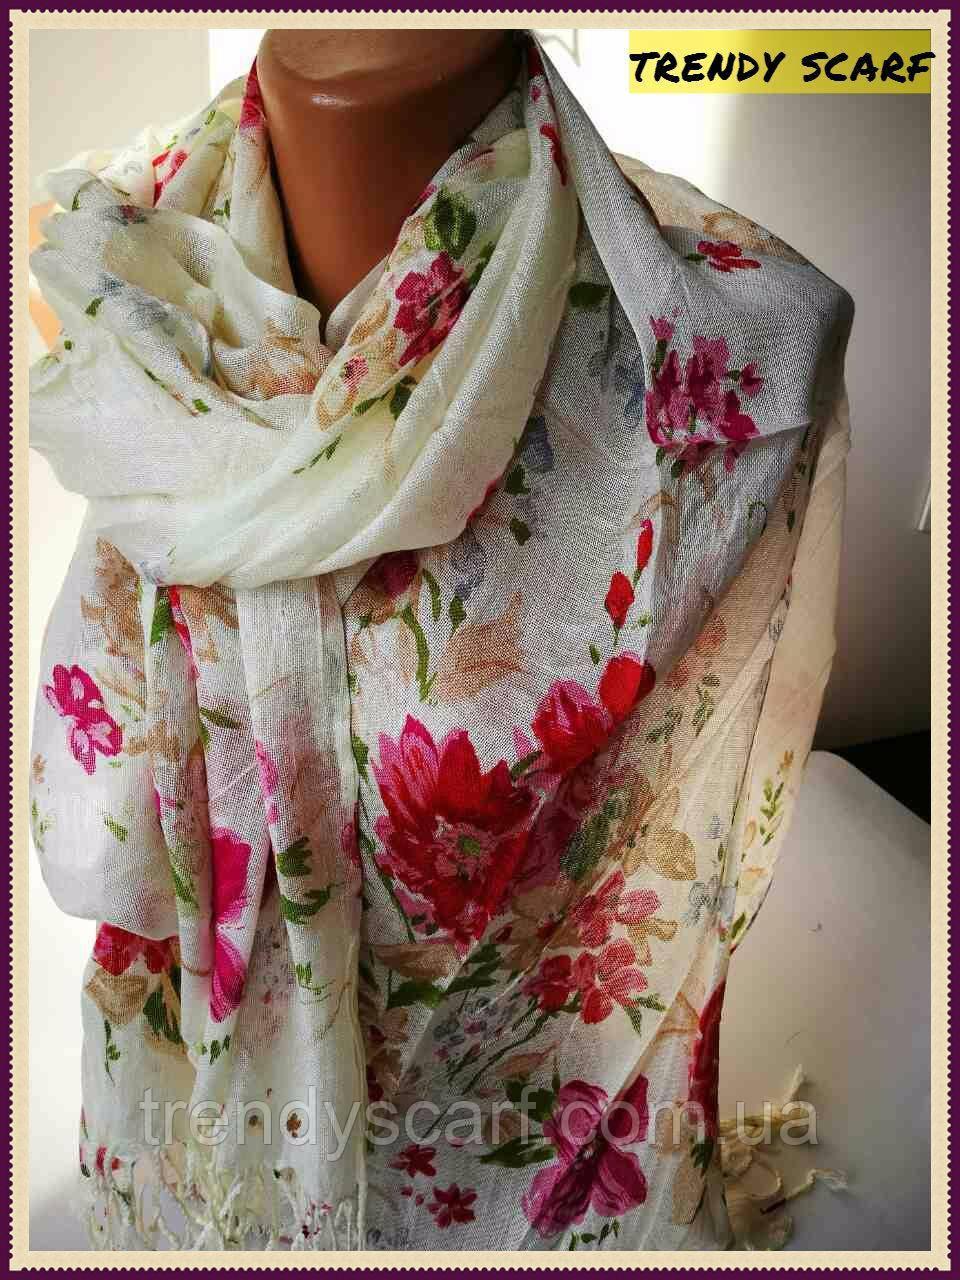 Женский Палантин шарф. Белый красный голубые бежевые цветы.Хлопок 180\60